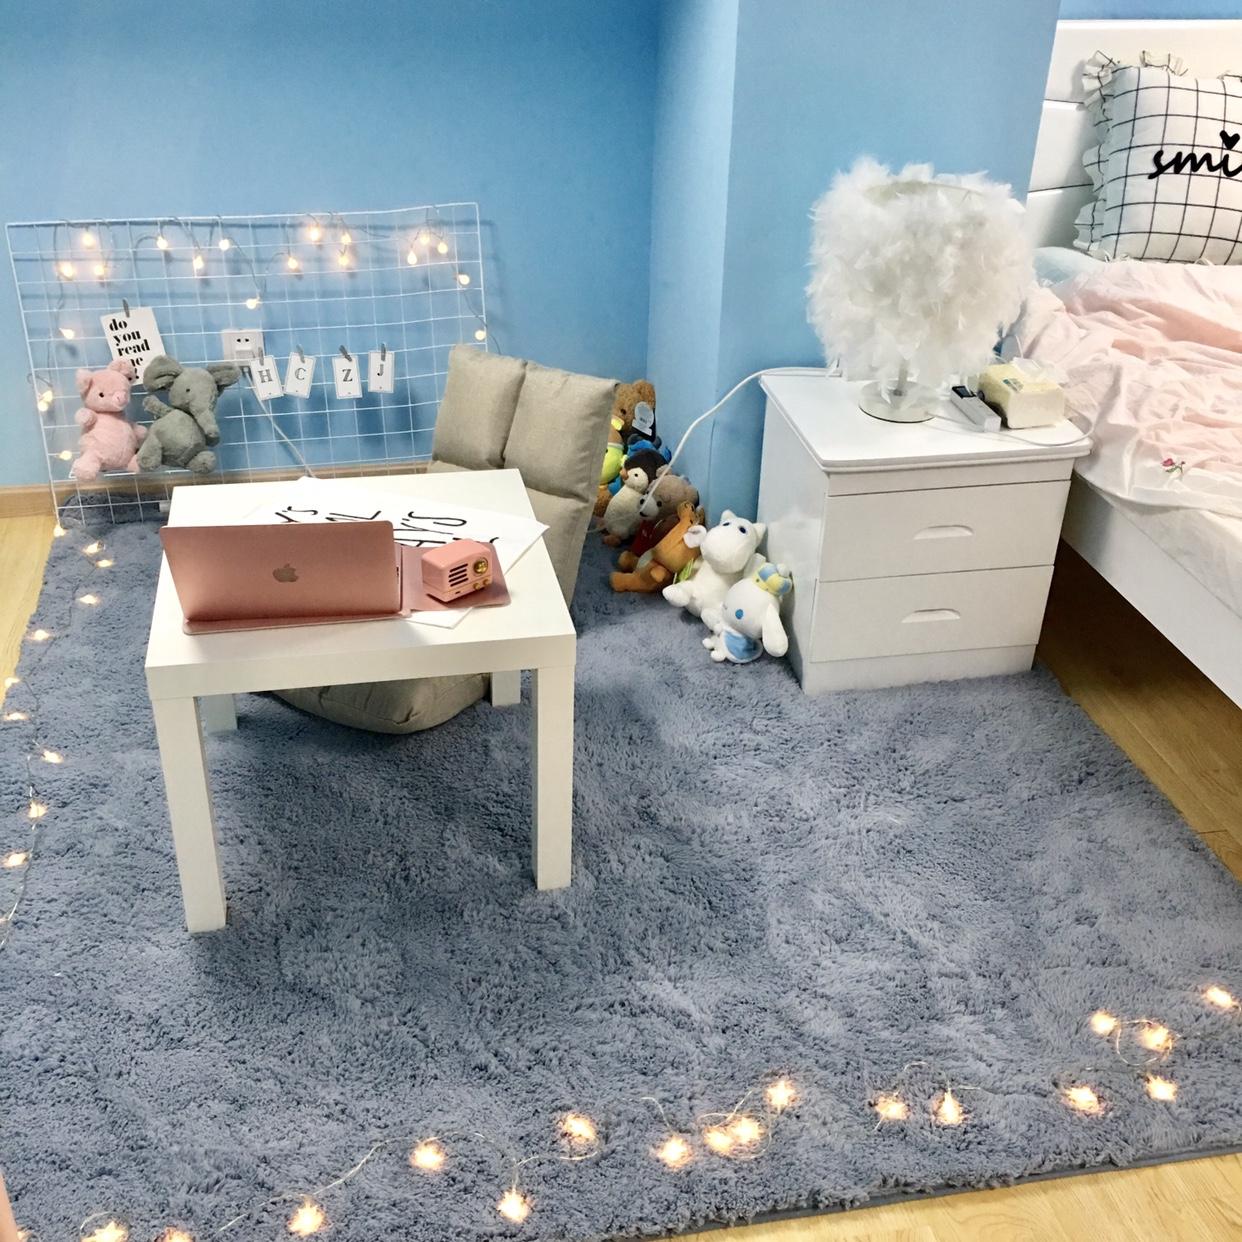 热销29件有赠品加厚加绒地垫家用卧室女房间装饰